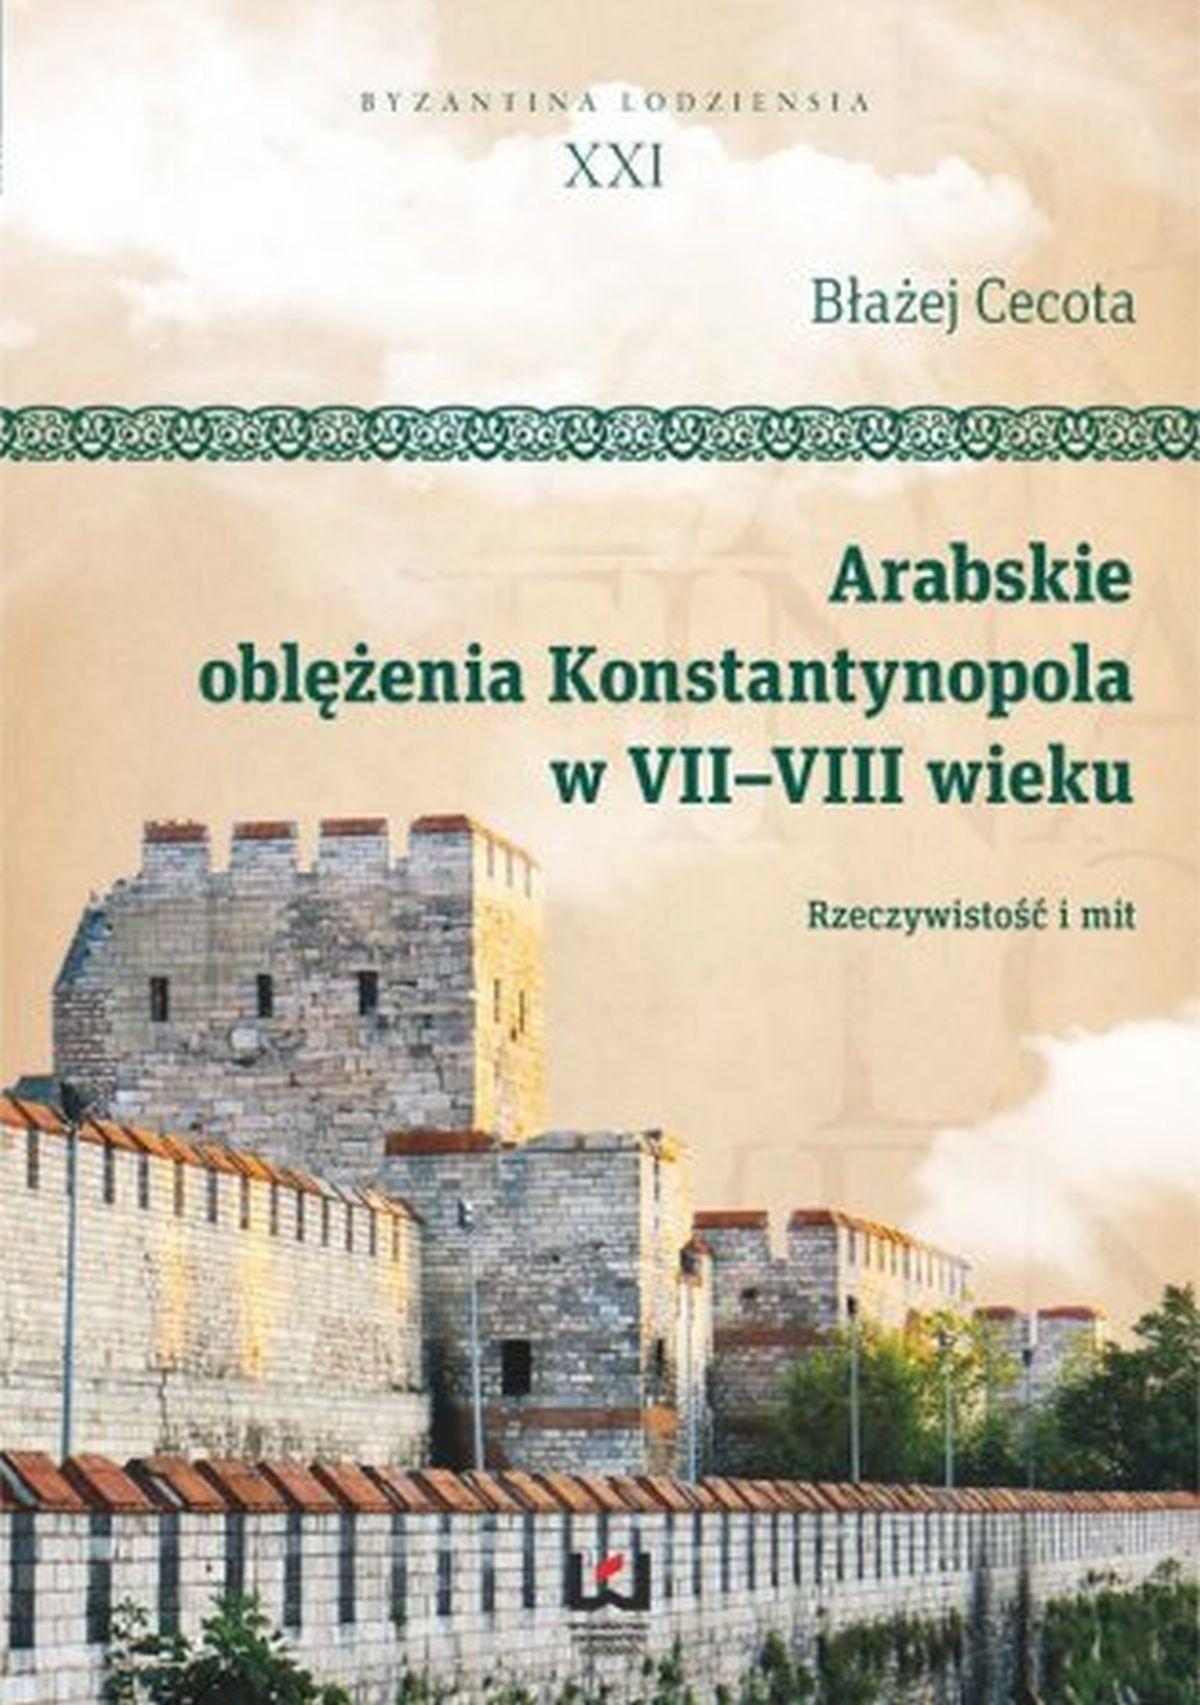 Arabskie oblężenia Konstantynopola w VII-VIII wieku. Rzeczywistość i mit. Byzantina Lodziensia XXI